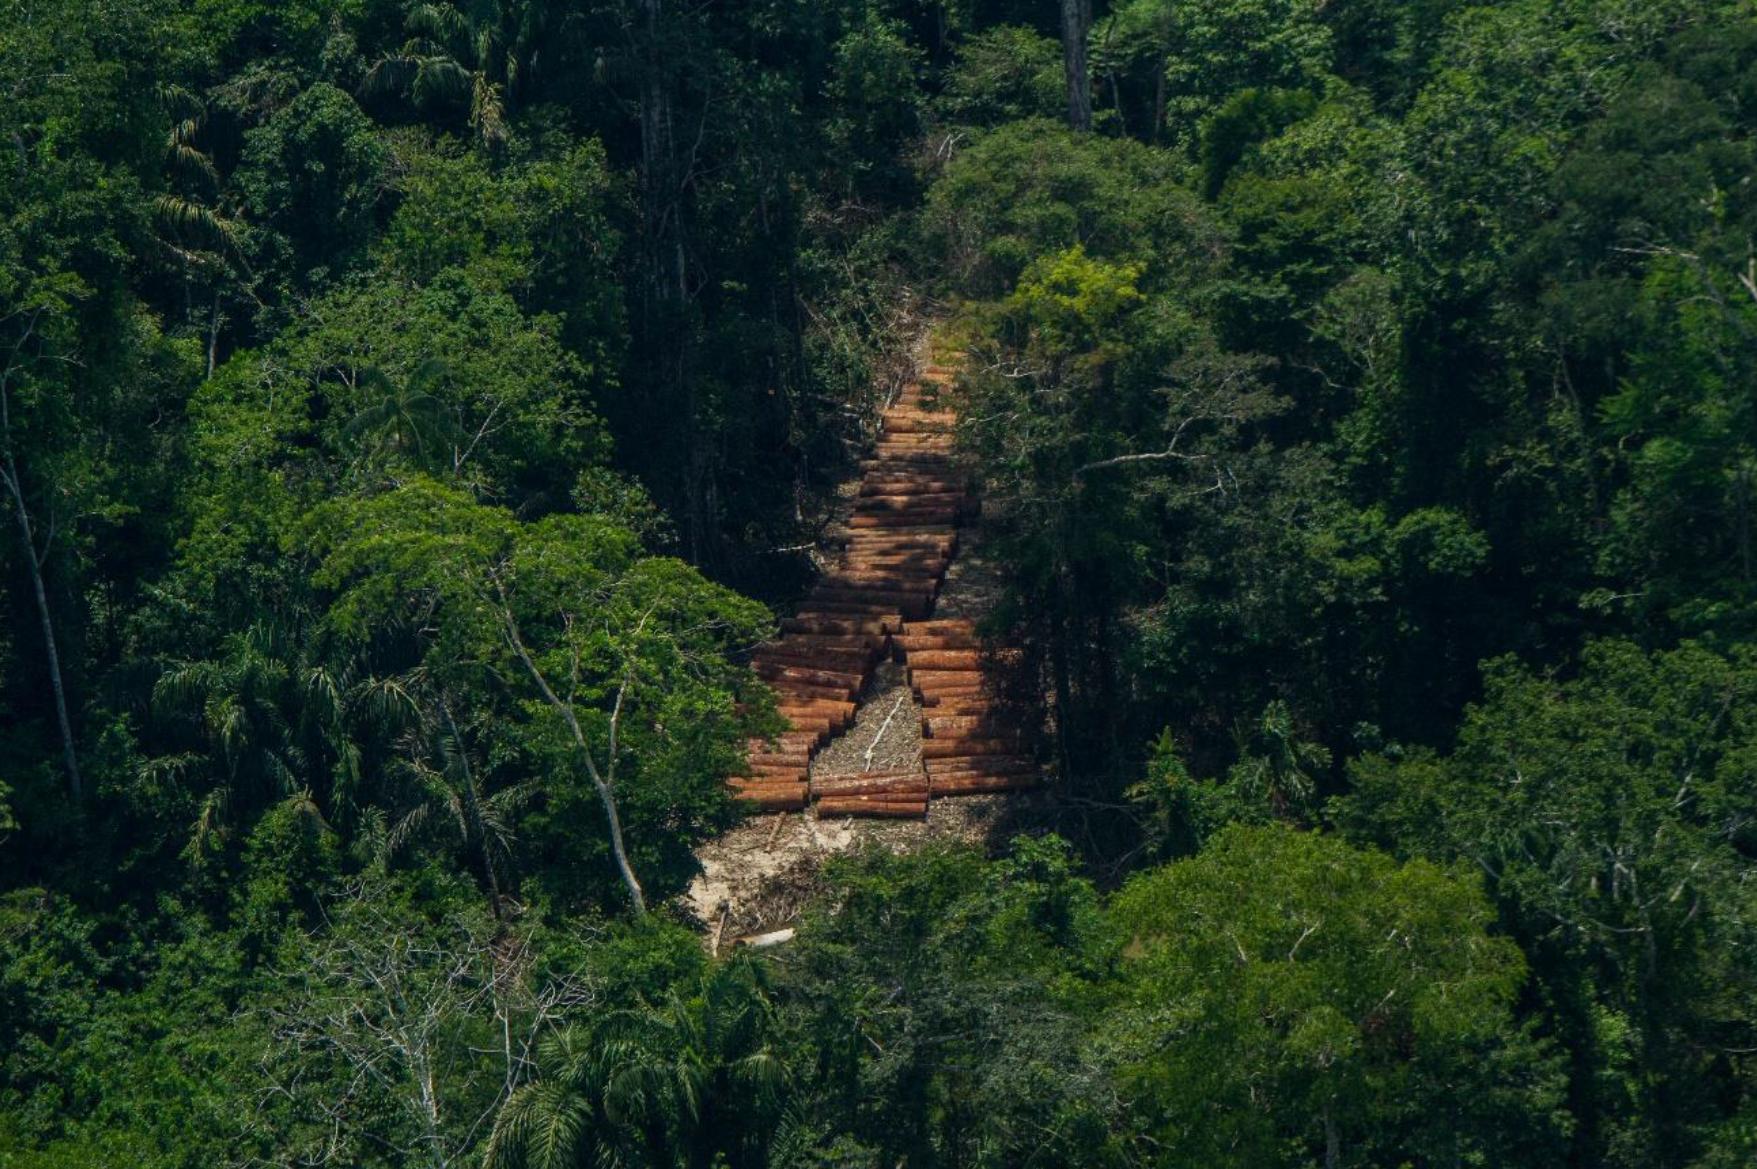 Gobierno Regional de Loreto reactivará concesiones forestales ilegales en reserva solicitada Yavarí Tapiche